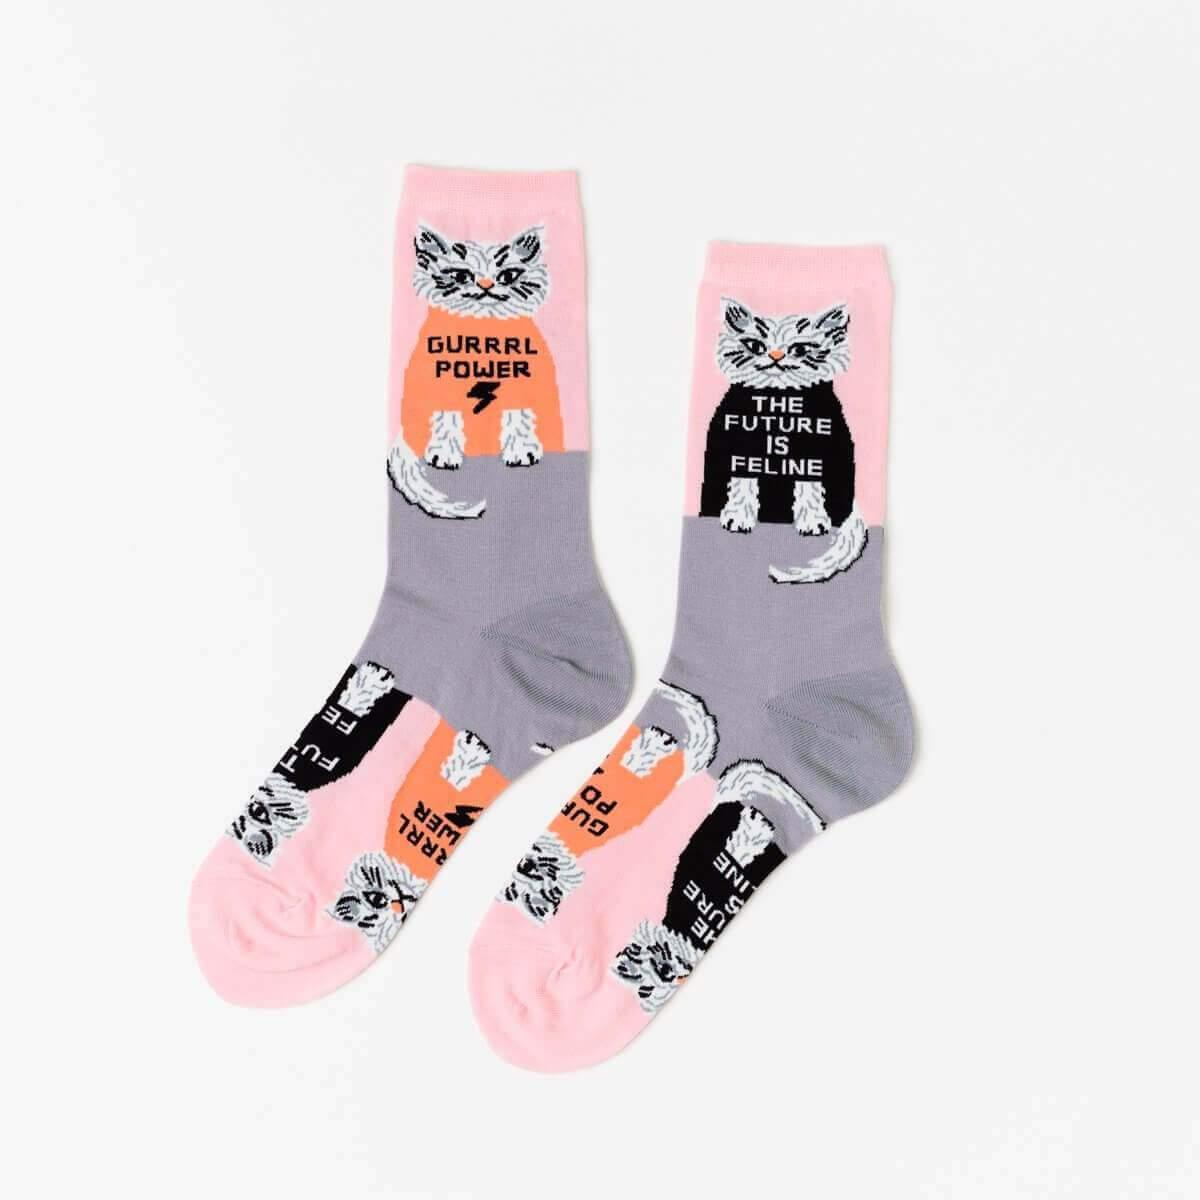 The Future is Feline Socks